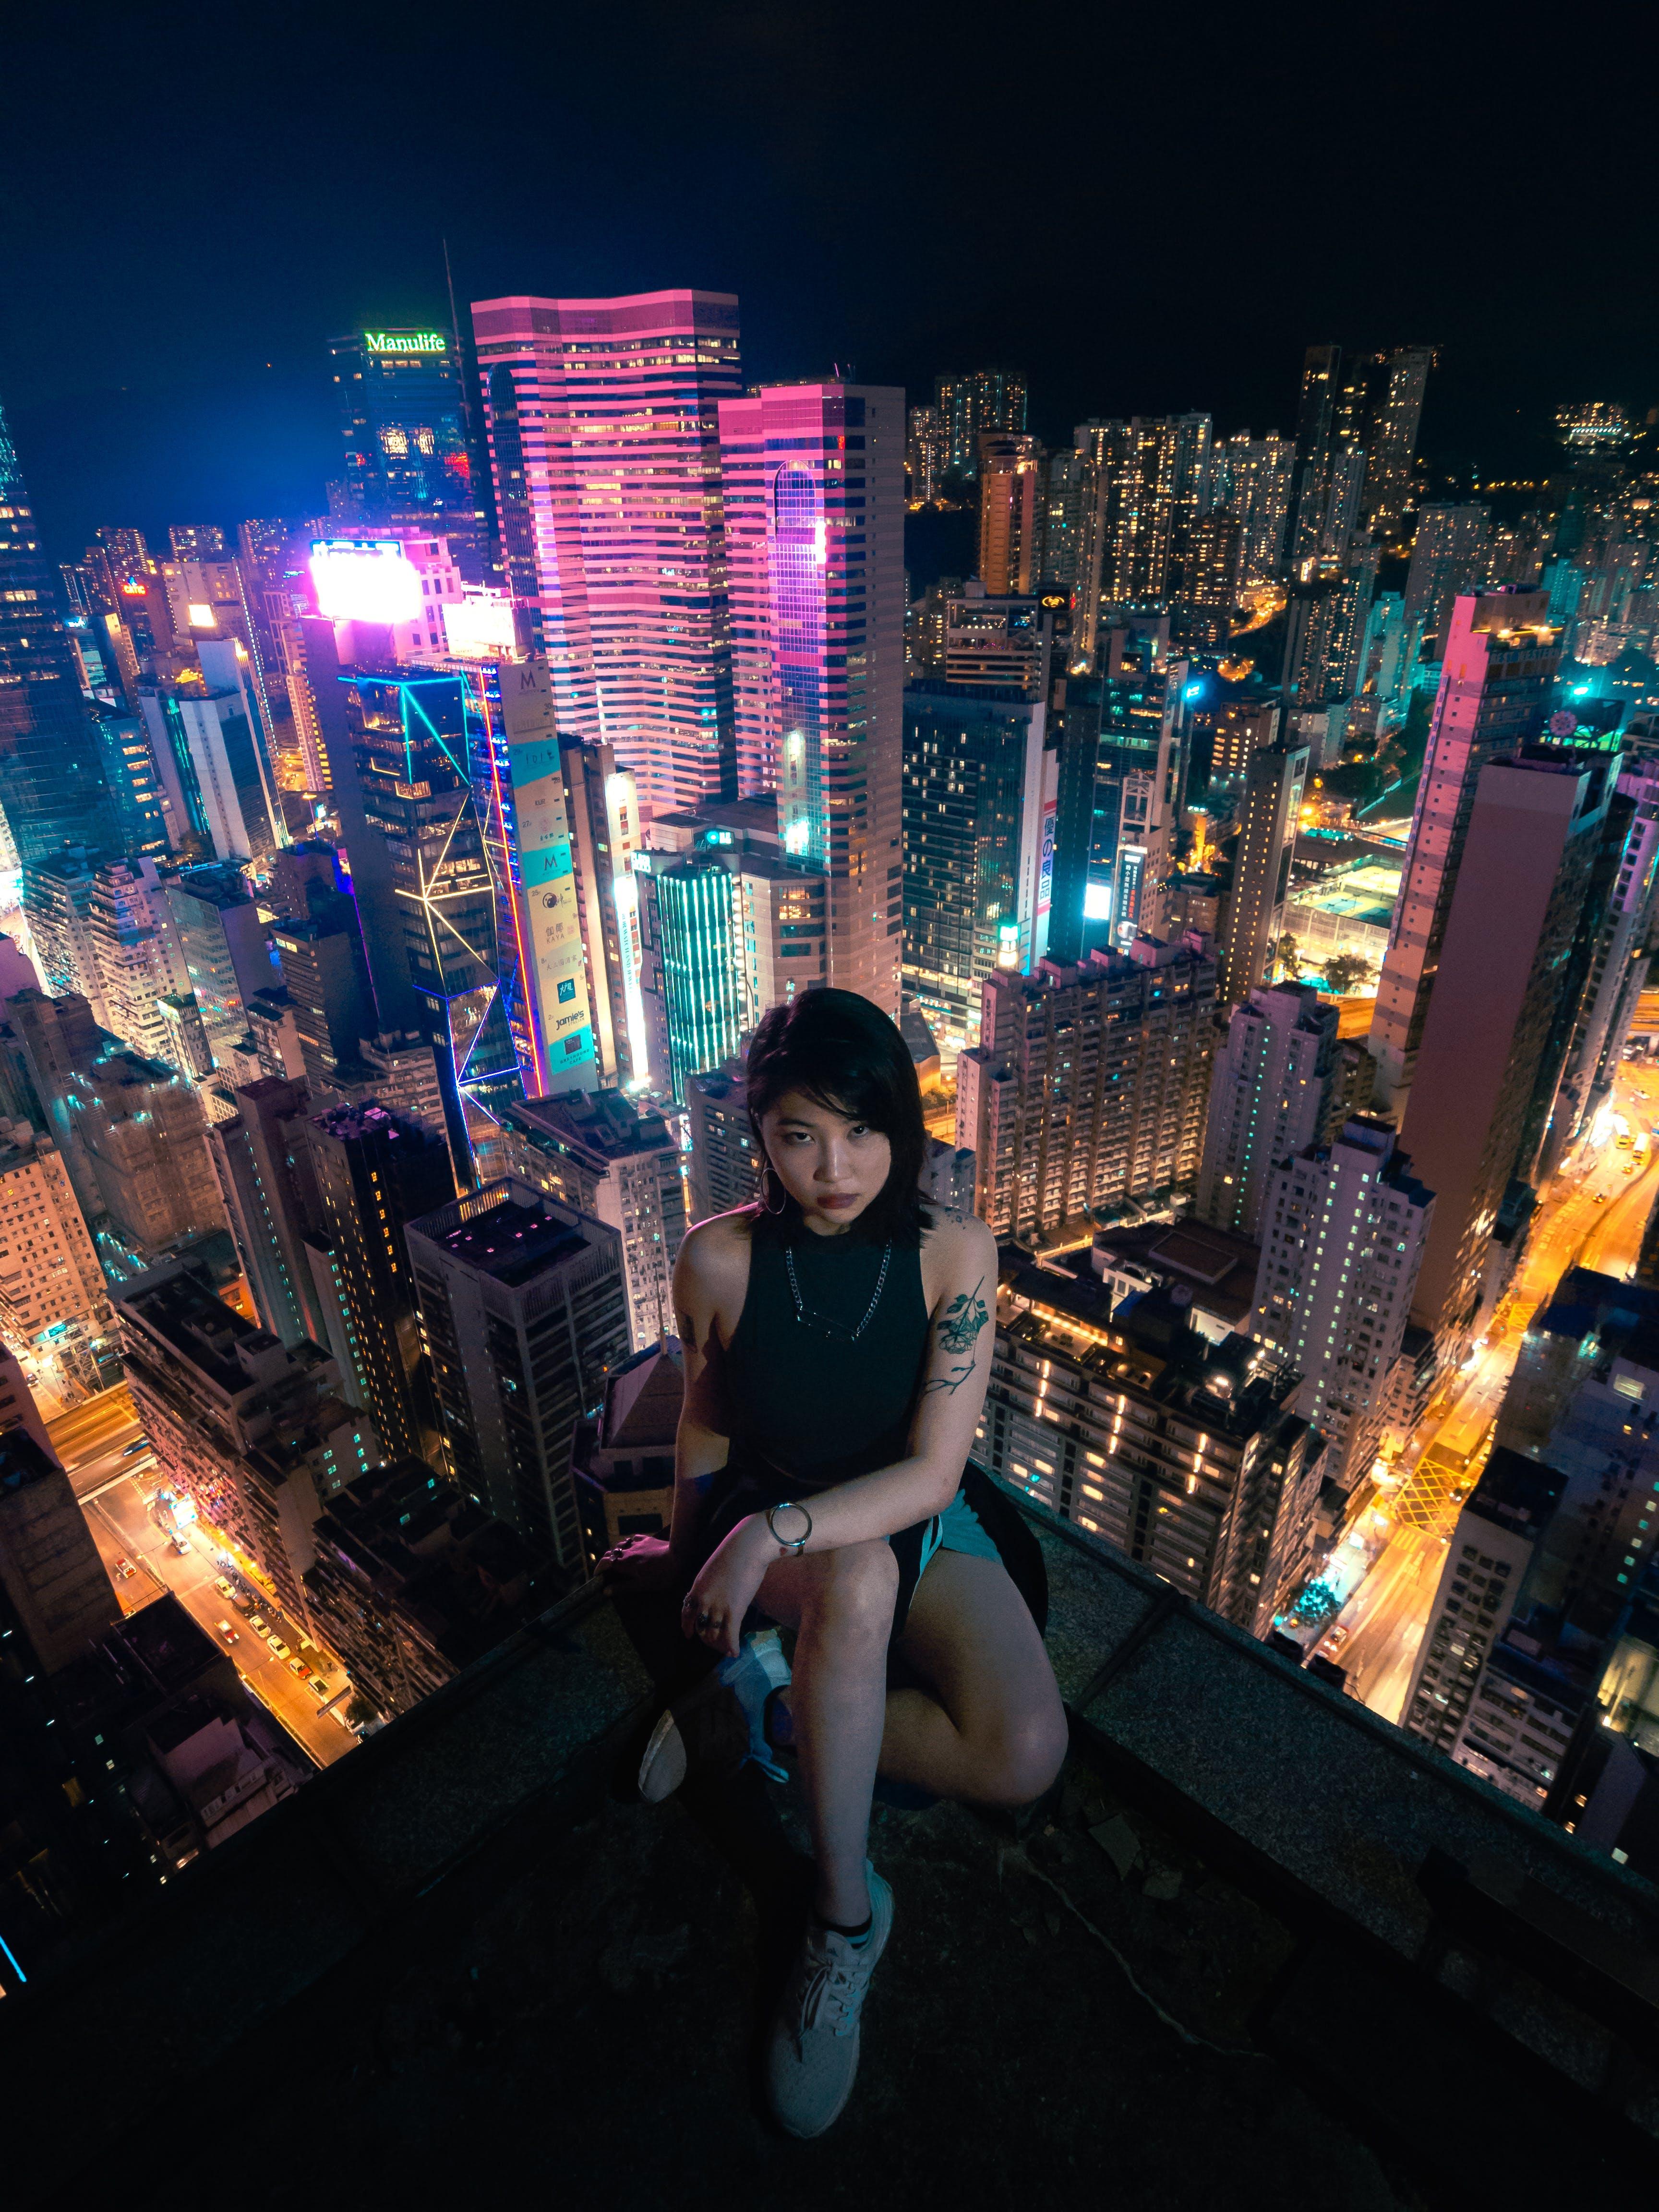 Kostenloses Stock Foto zu abend, architektur, asiatische frau, beleuchtet